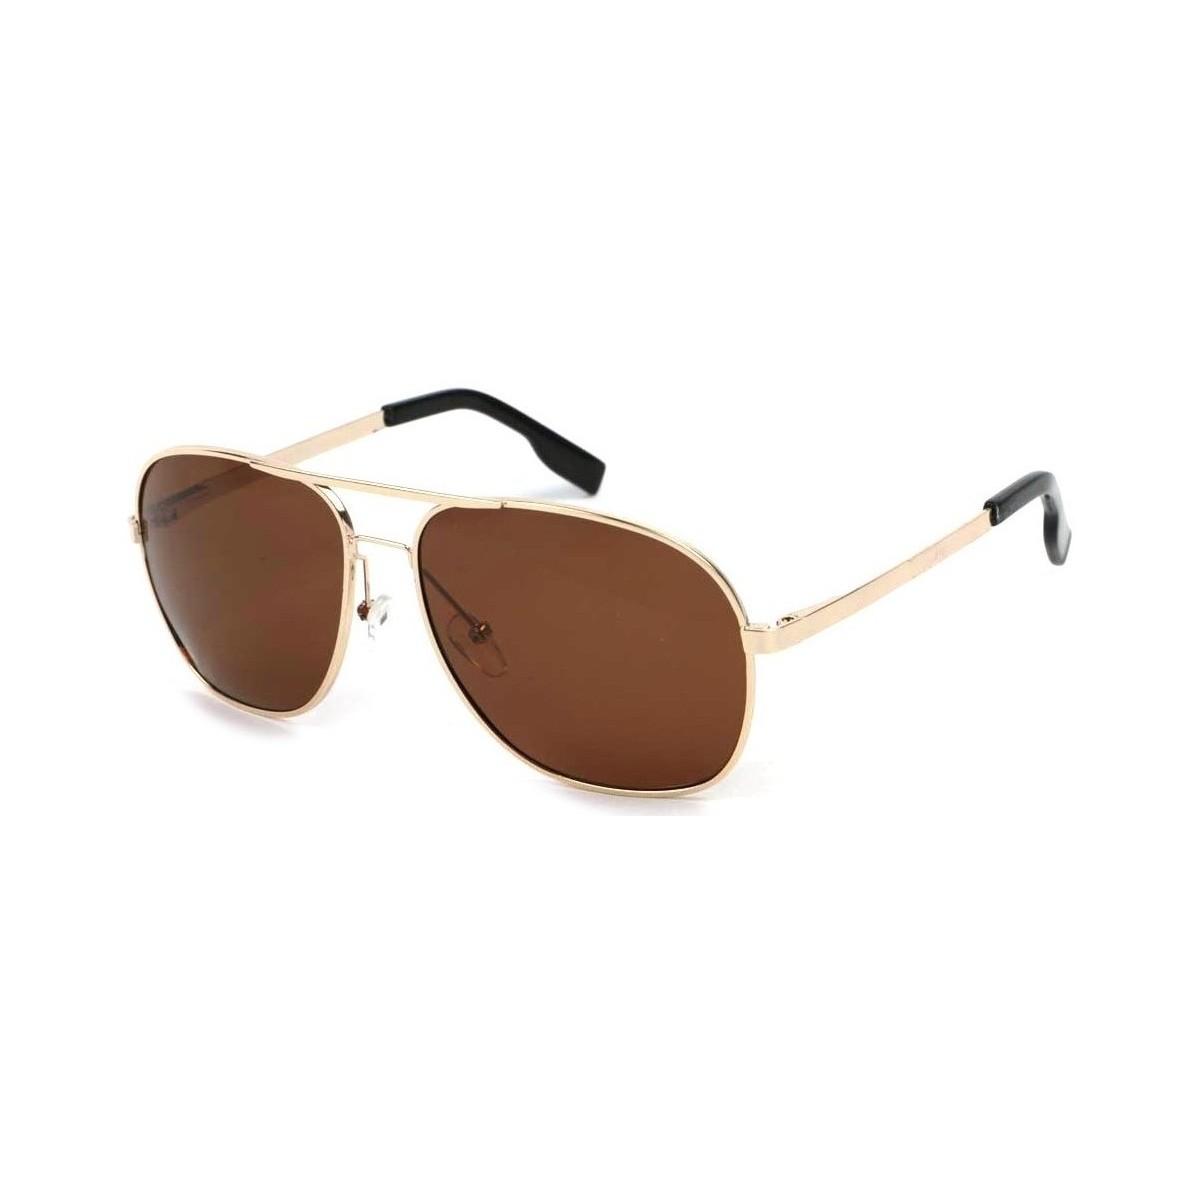 Eye Wear Lunettes Polarisantes GiveUp avec monture dorée Jaune